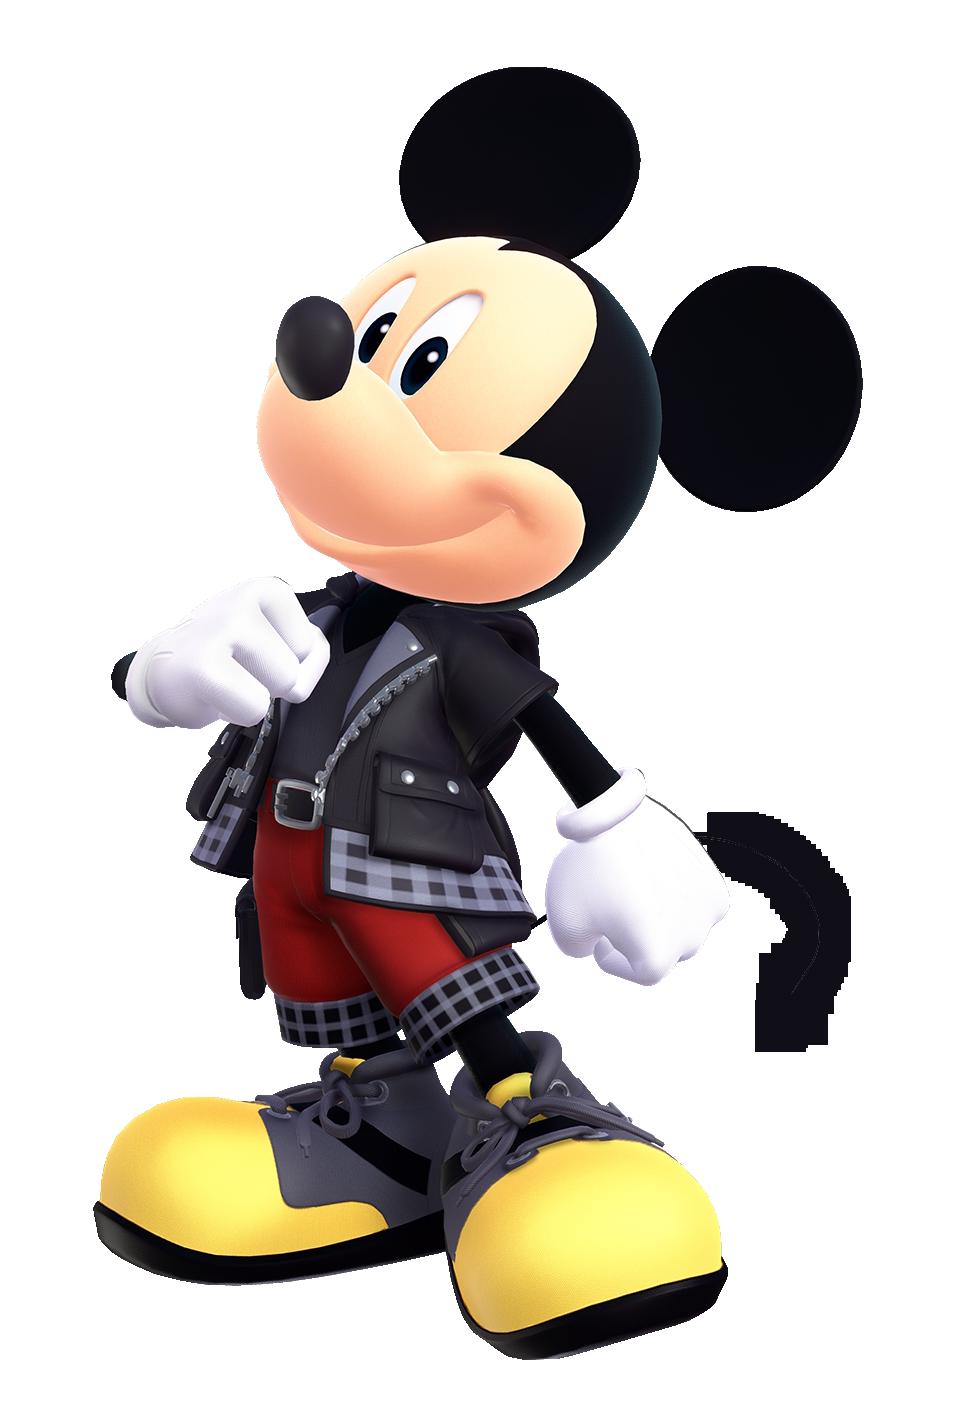 Mickey Mouse | Kingdom Hearts Wiki | FANDOM powered by Wikia